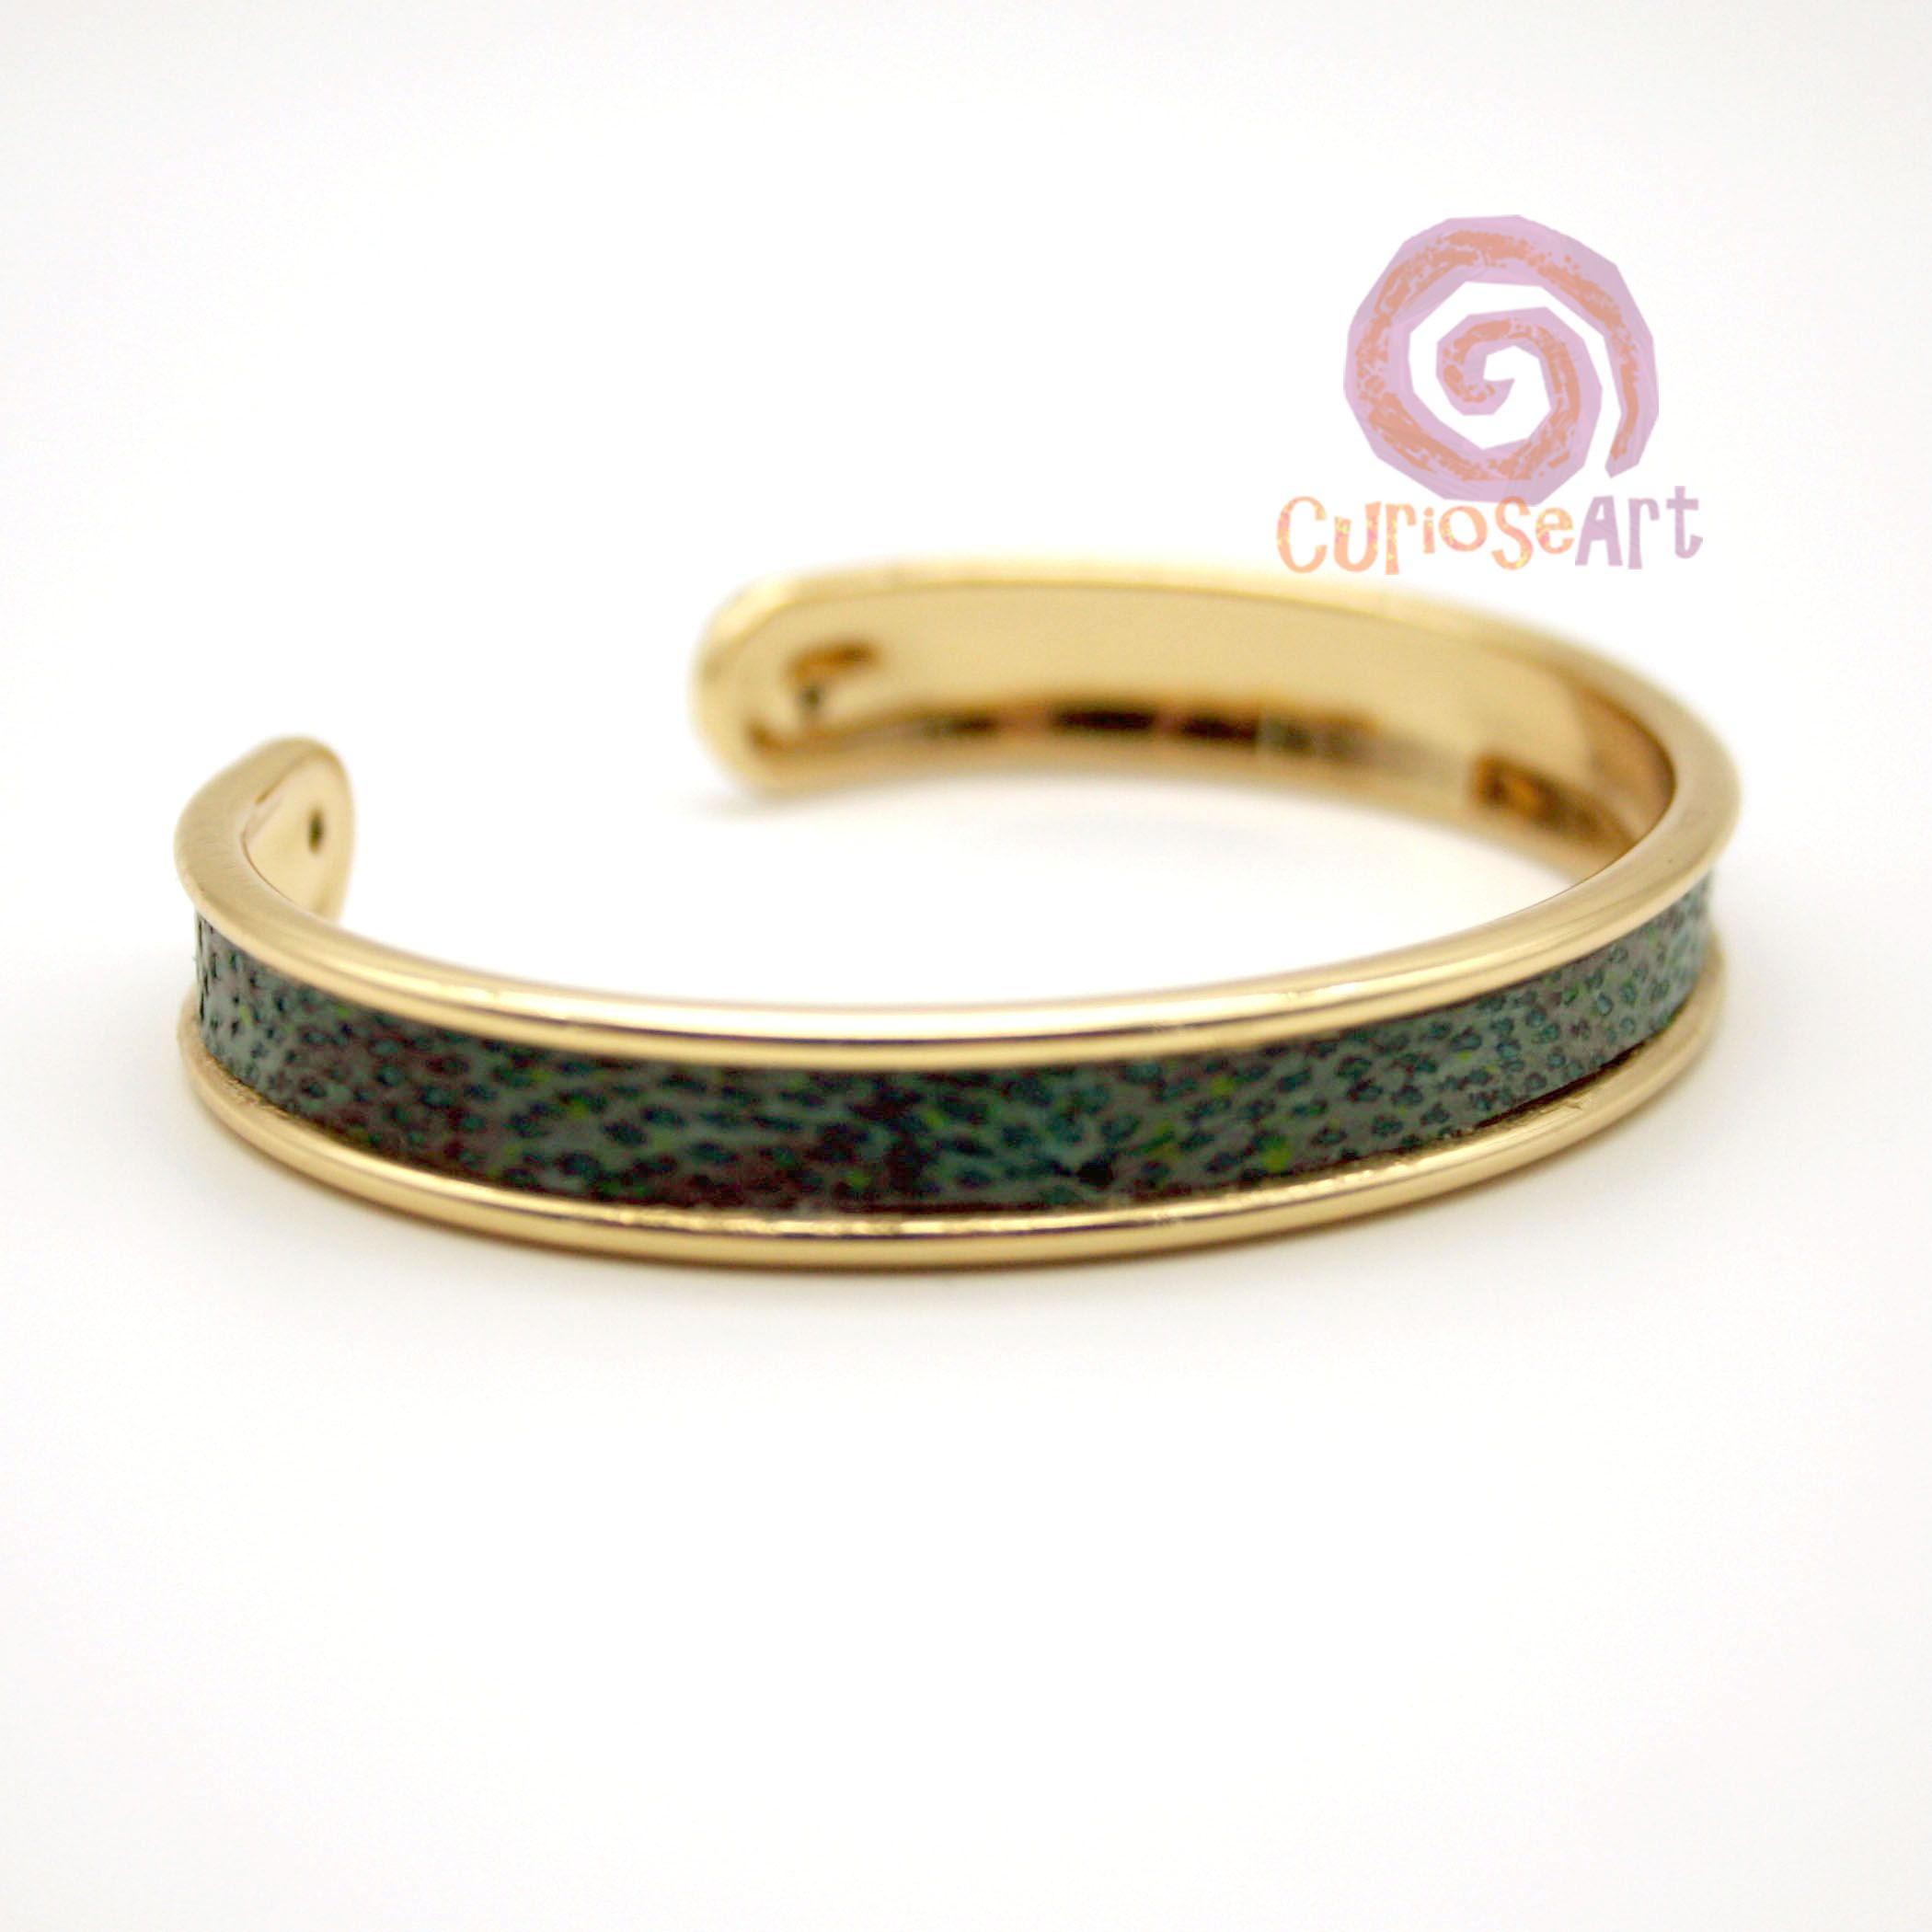 CURIOSEART, las joyas y bisutería artesanales que recorren el mundo